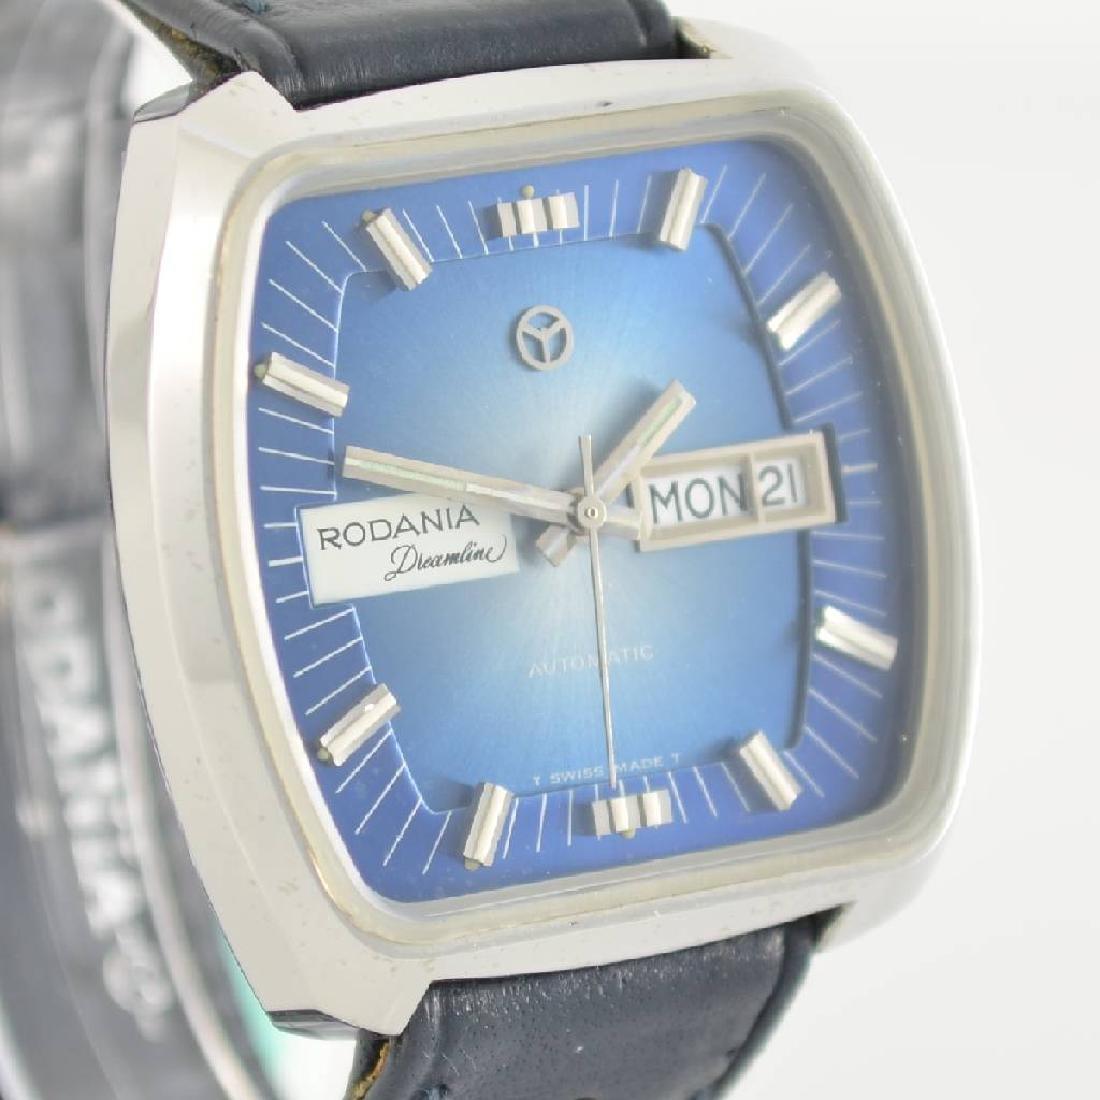 RODANIA Dreamline gents wristwatch - 6